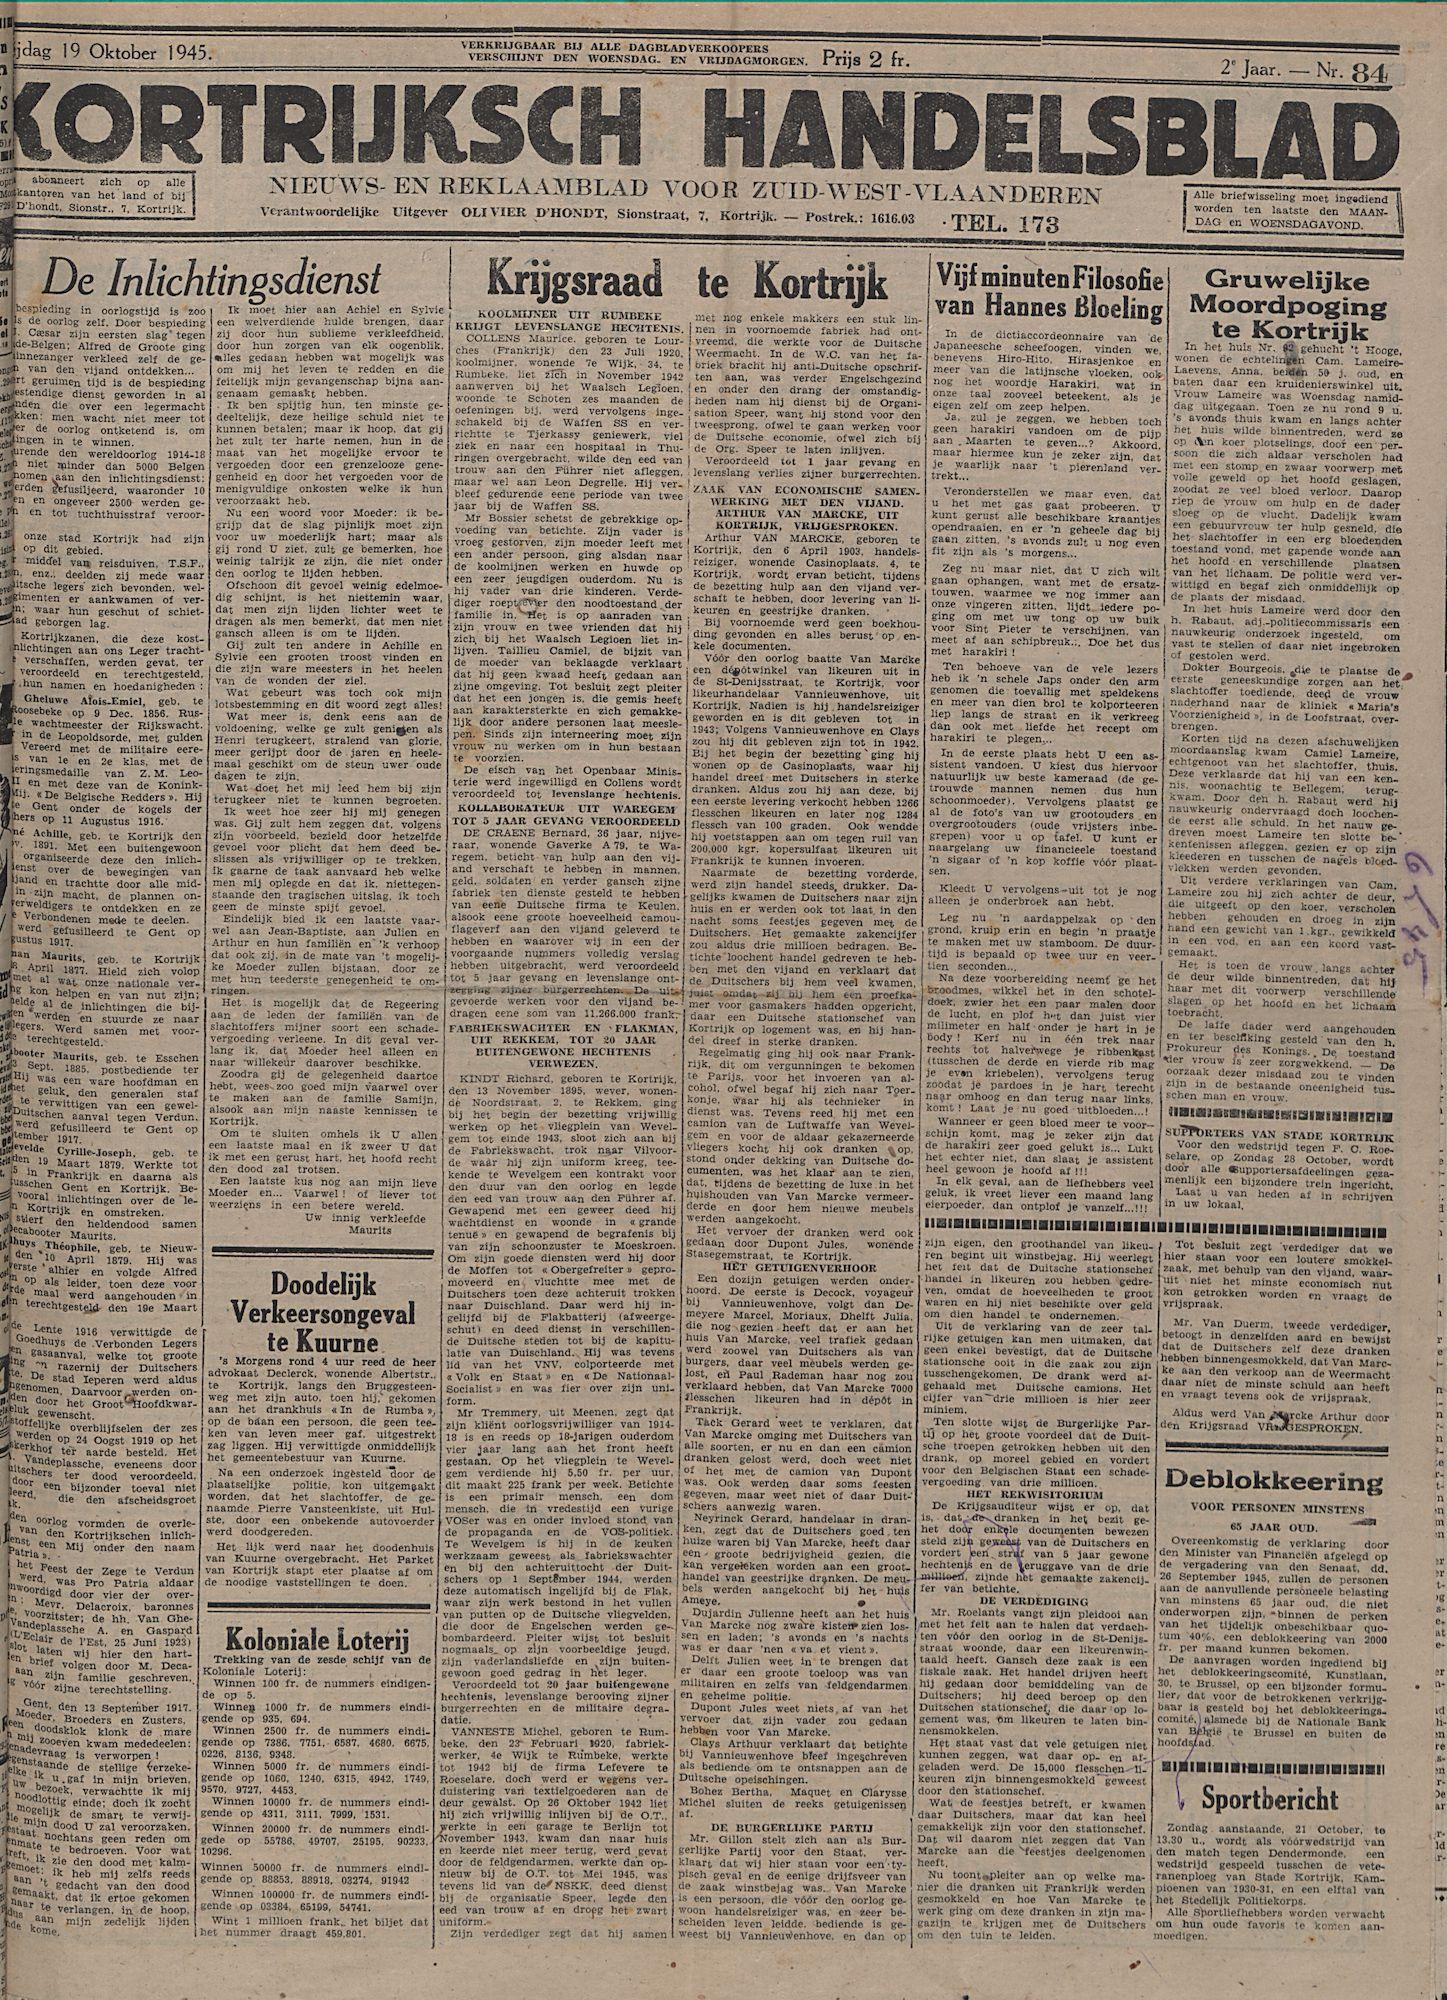 Kortrijksch Handelsblad 19 october 1945 Nr84 p1